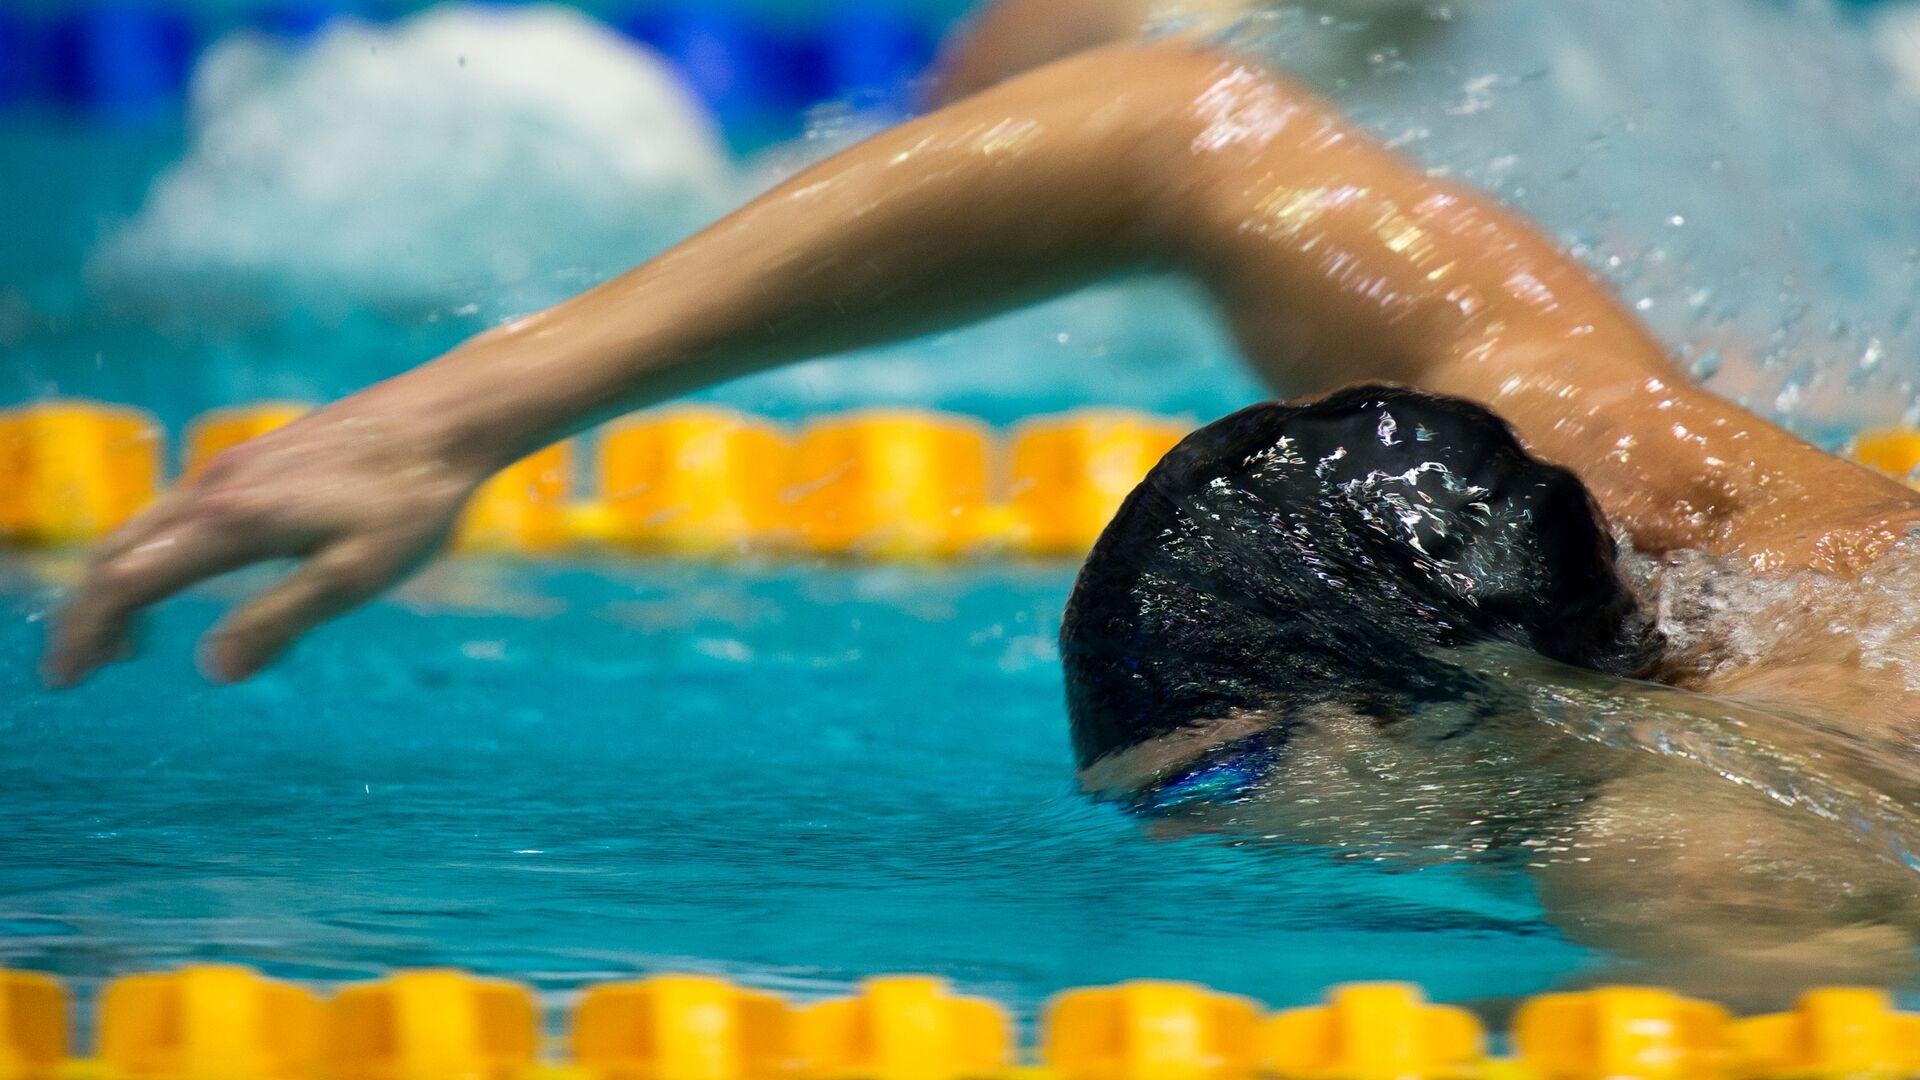 Пловец в финальном заплыве на дистанции 200 метров вольным стилем  - Sputnik Таджикистан, 1920, 30.07.2021